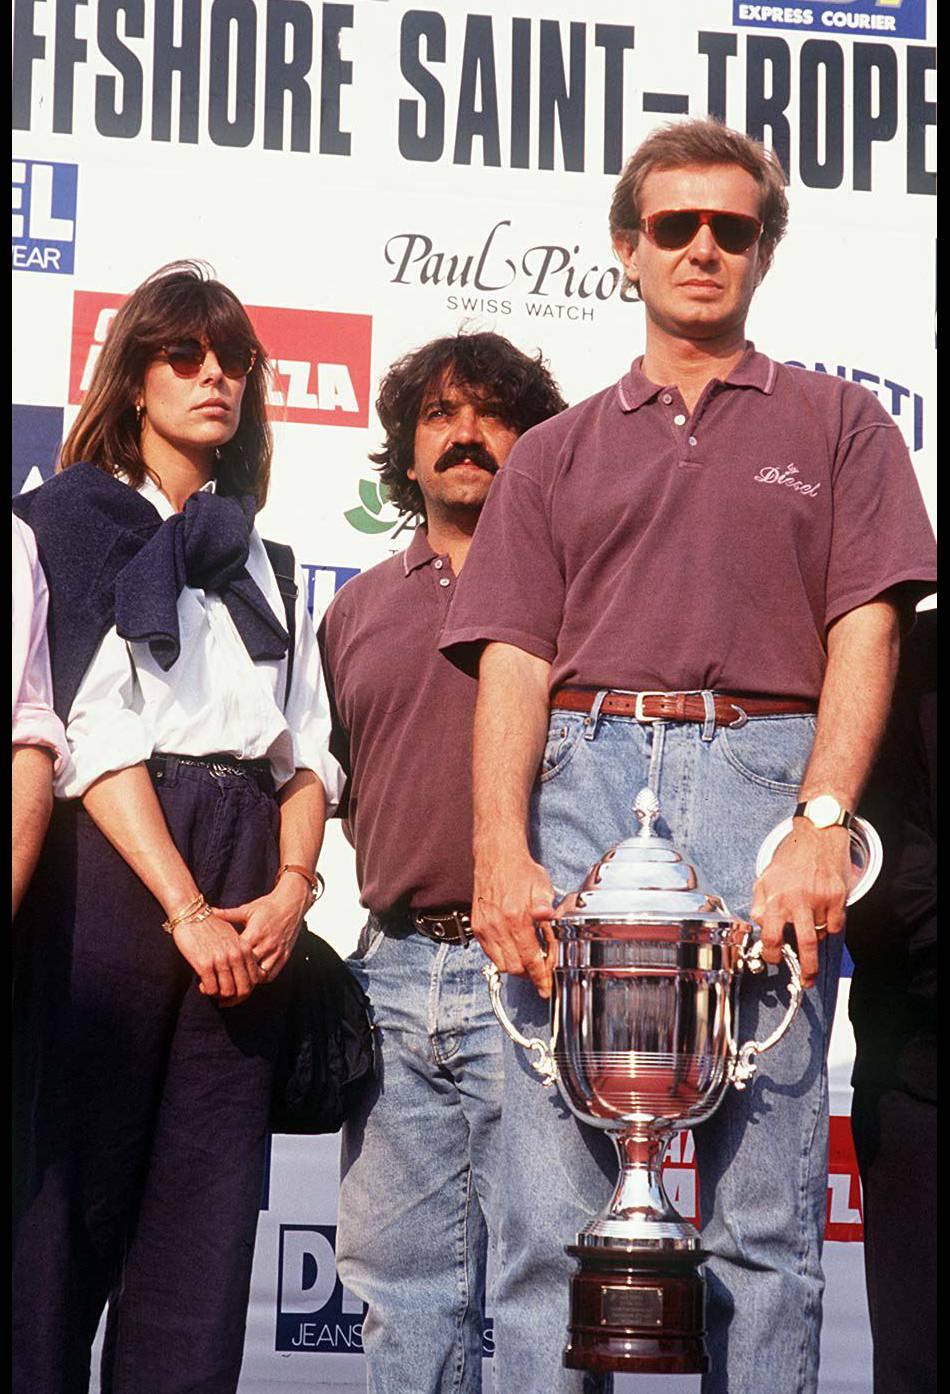 Stefano Casiraghi, vainqueur d'une course d'offshore en 1990.